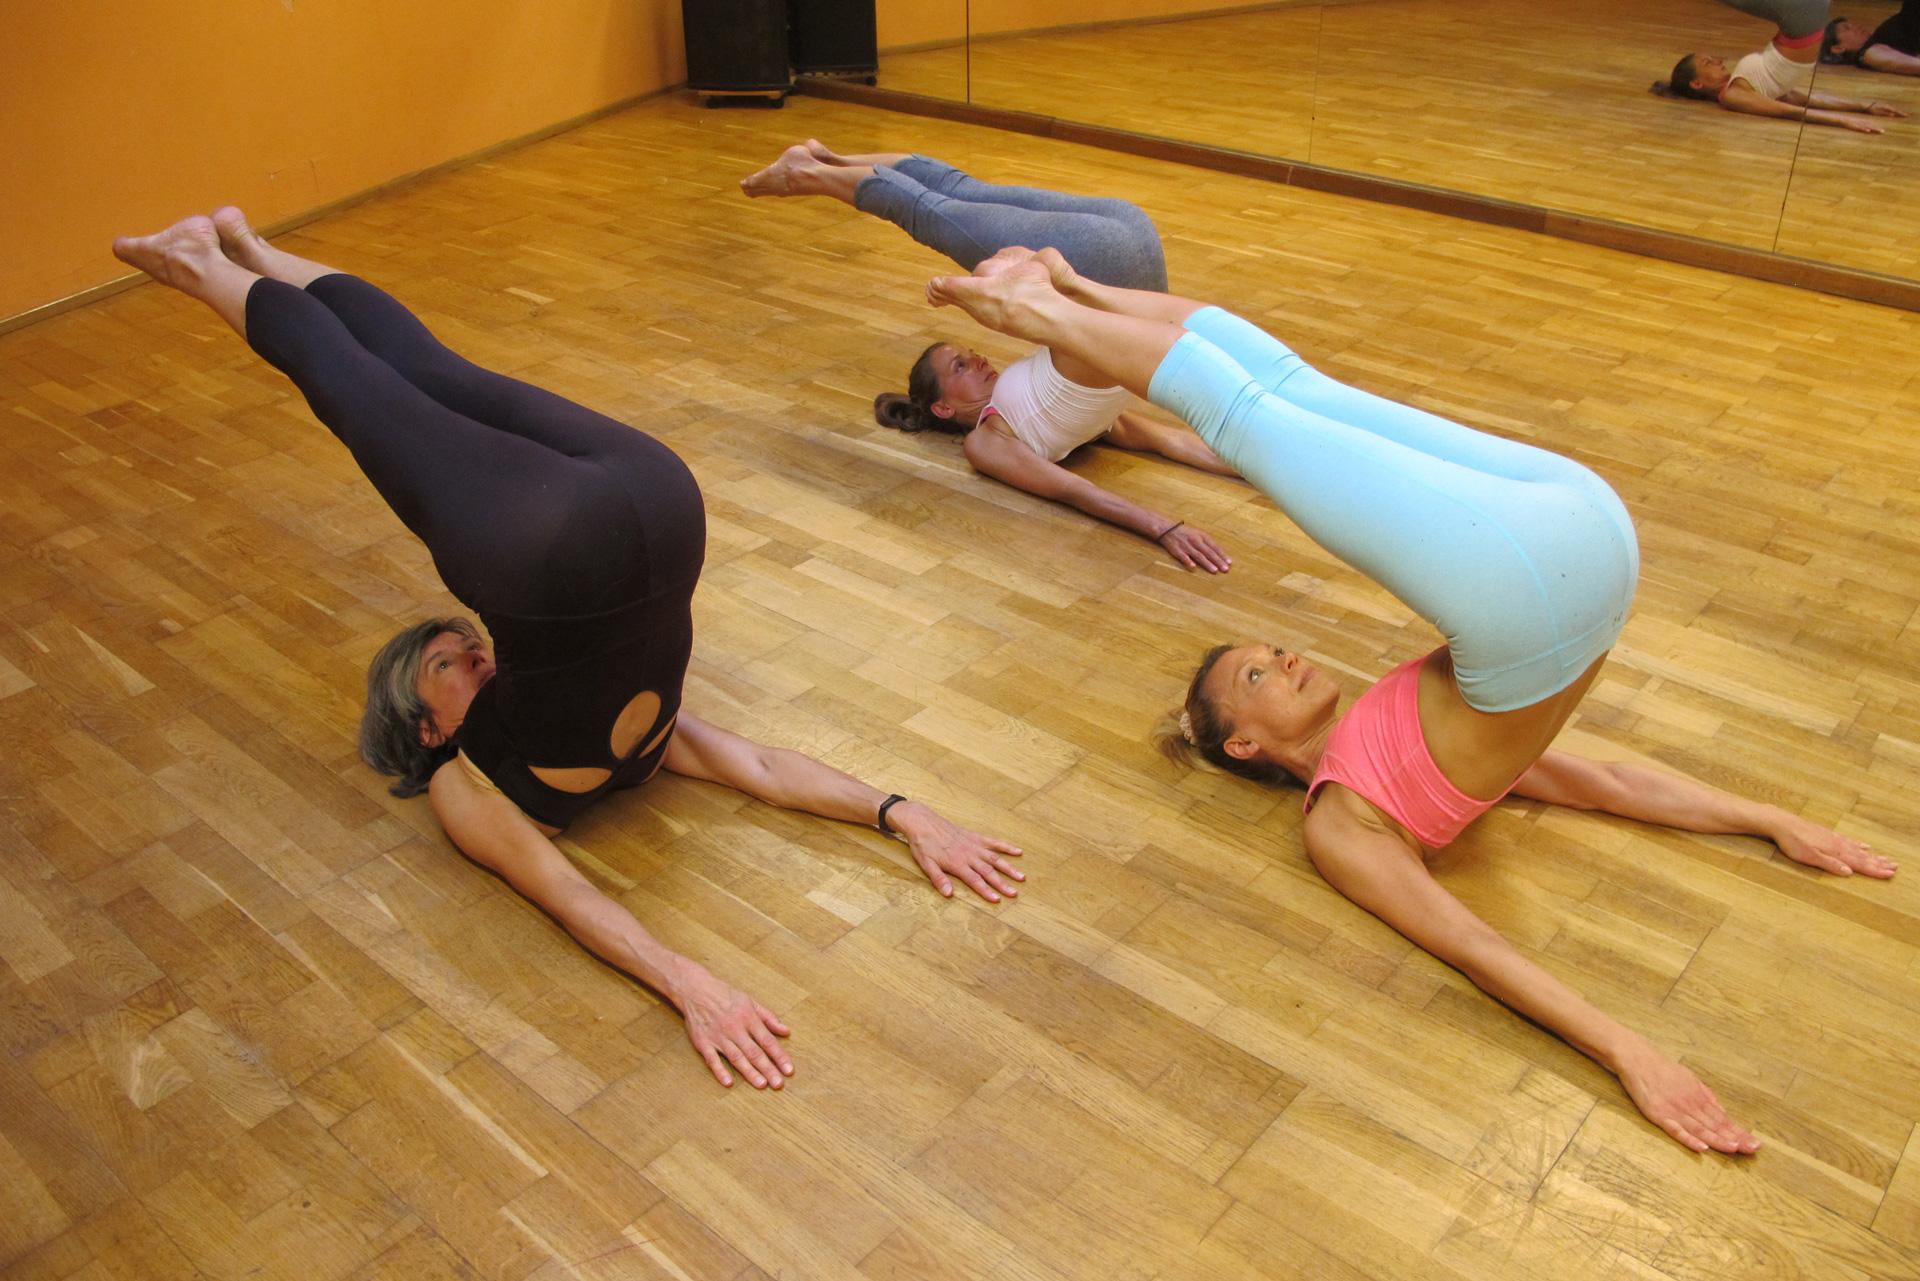 Pilates Roll Over Trainingsoptimierung Steifheit in Nacken und Rücken Brustkorb Prävention Achtsamkeit Mindfulness kinästhetische Wahrnehmung